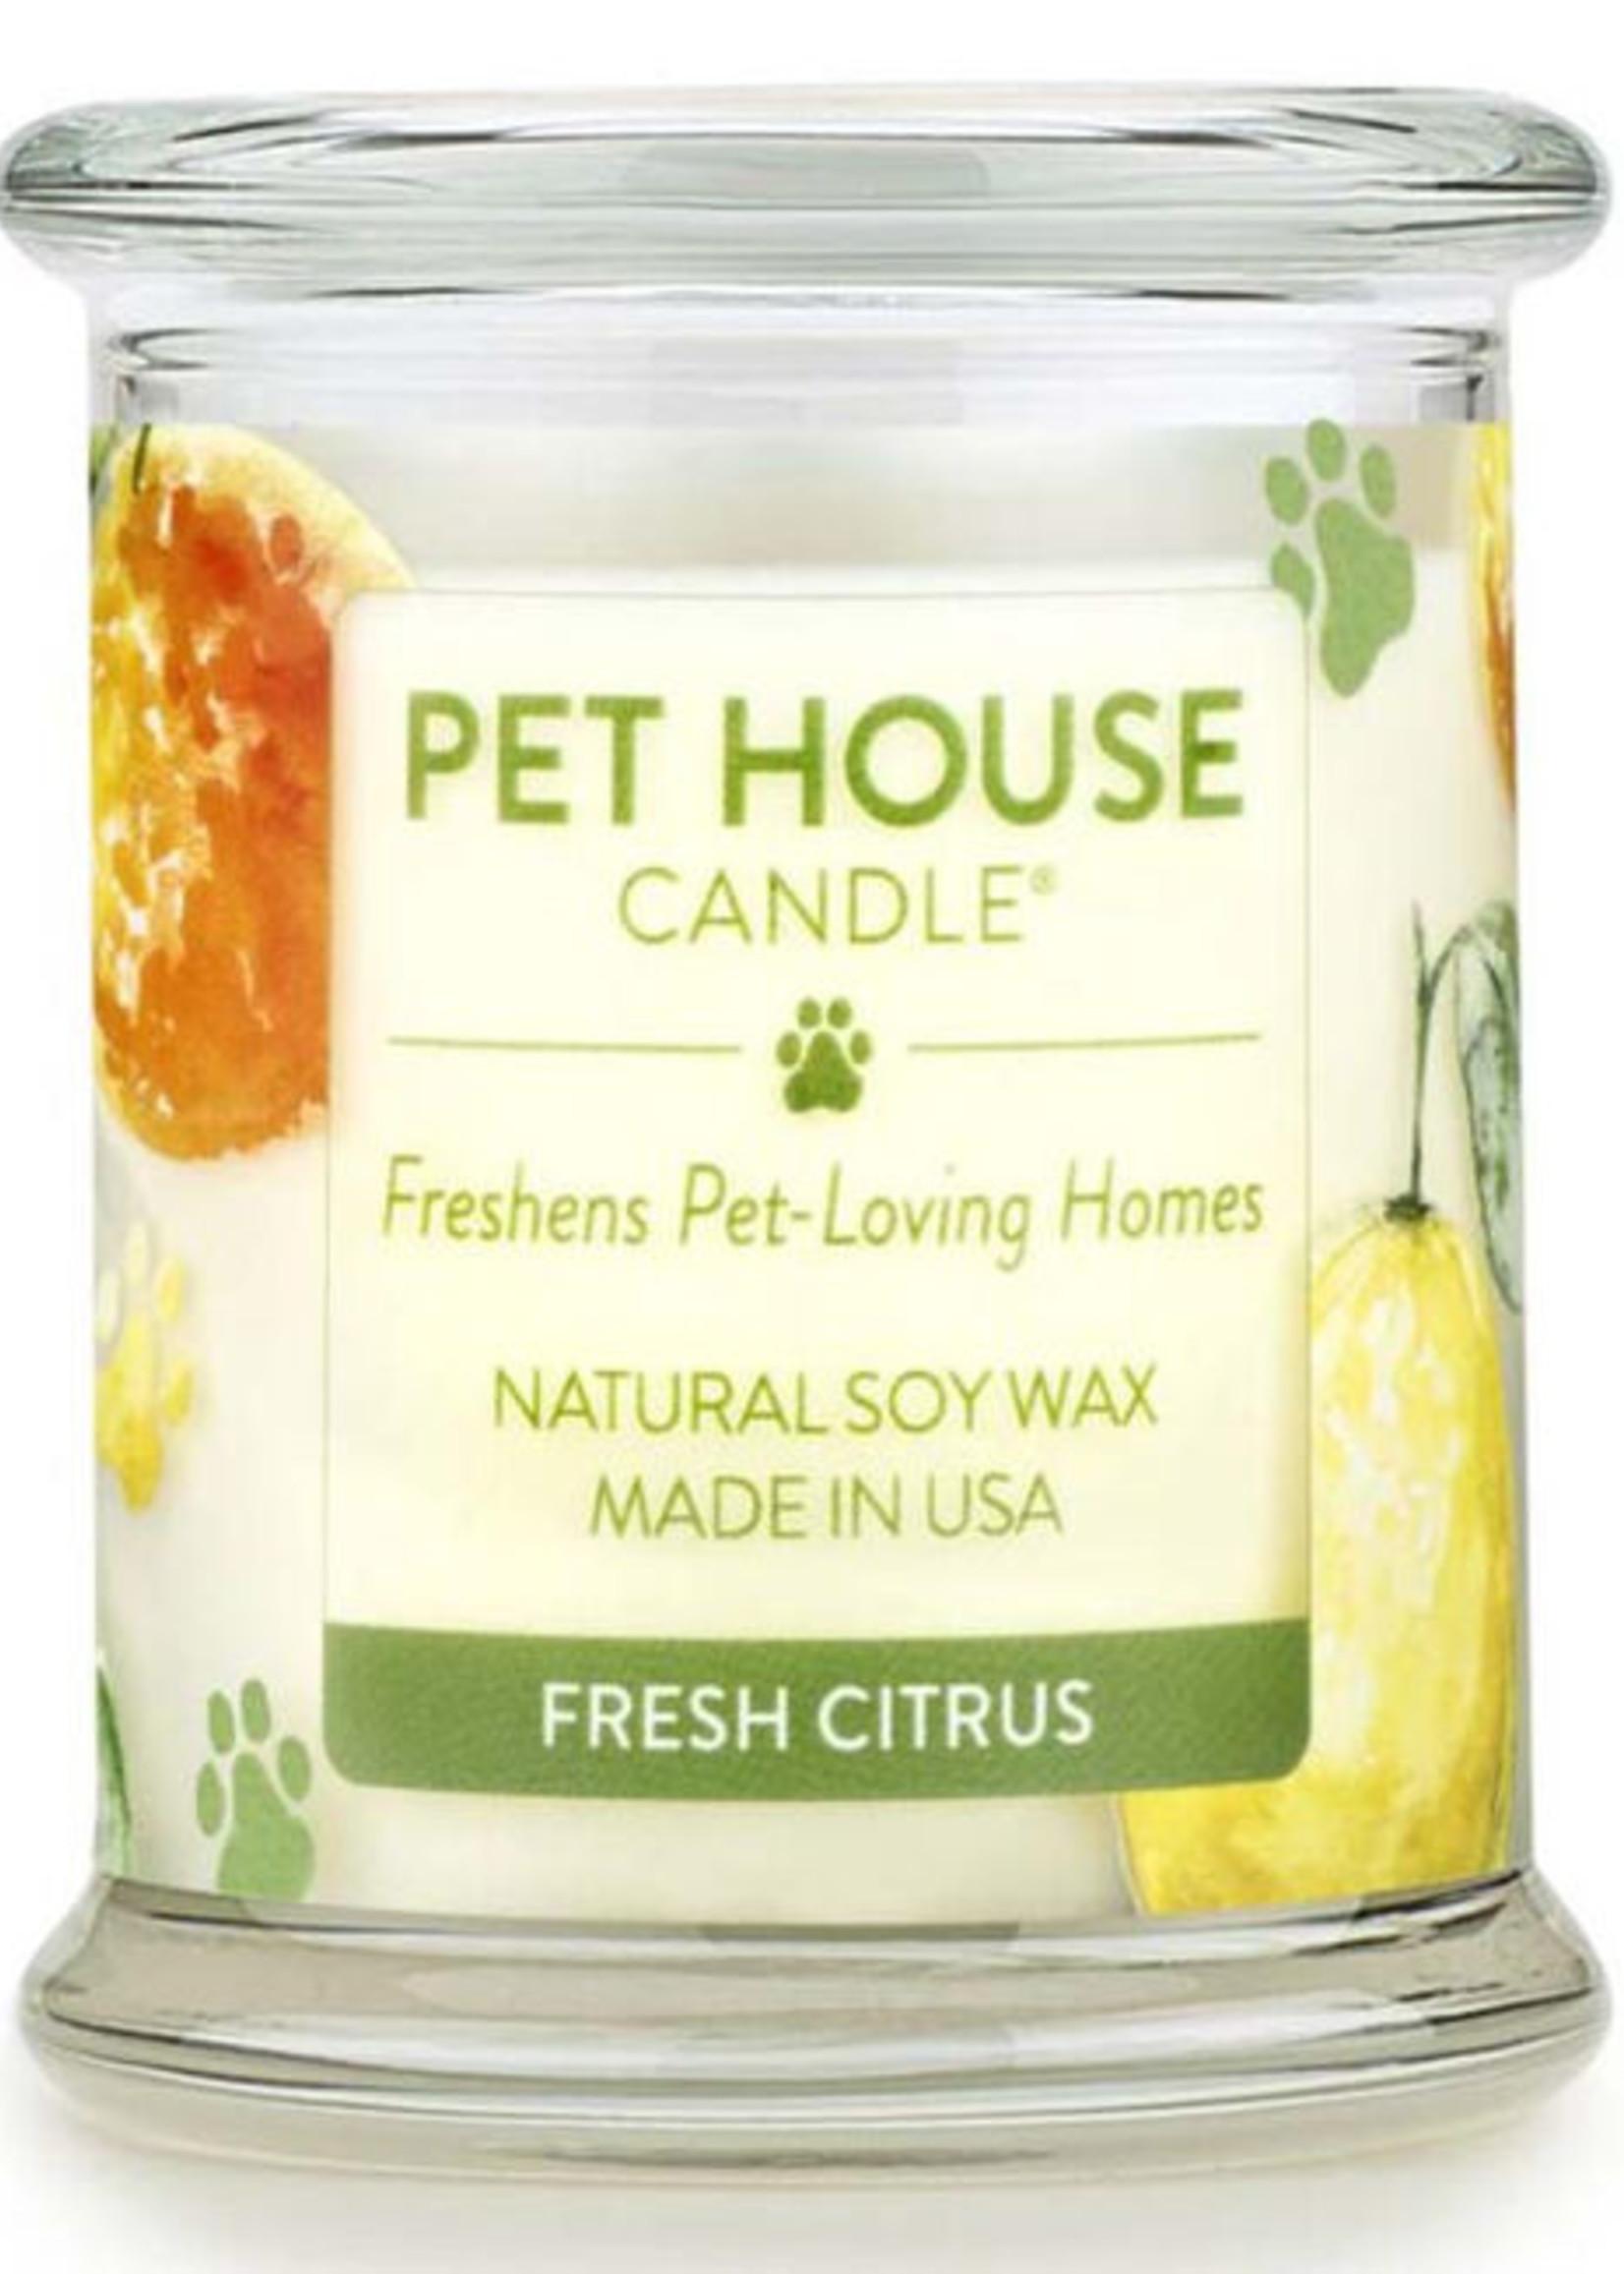 Pet House Candle Pet House Candle Fresh Citrus